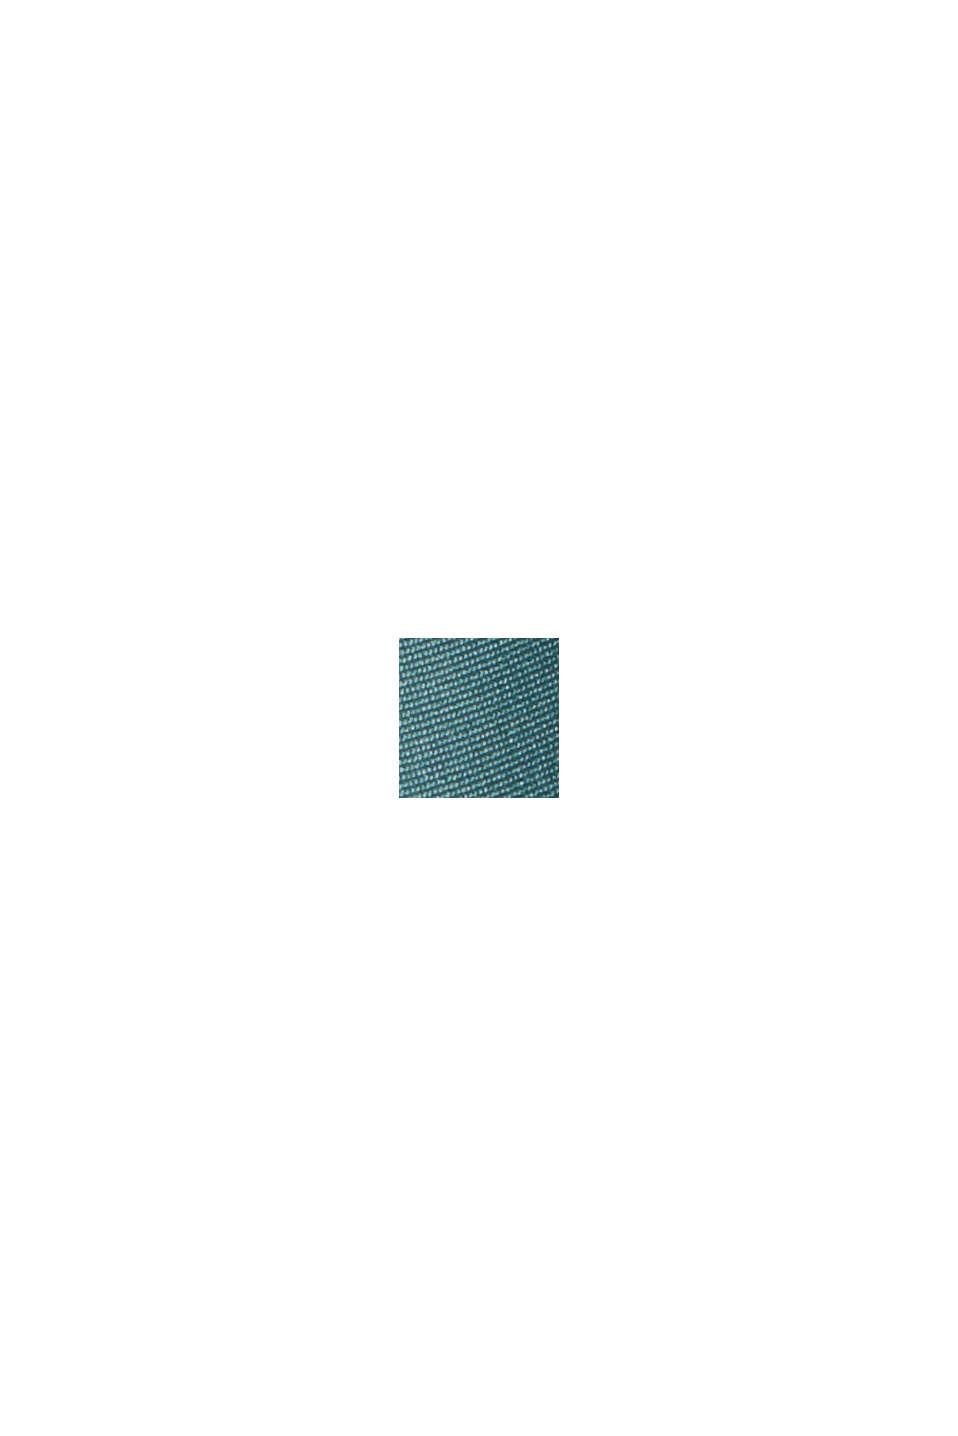 Plisseerock mit Gummibund, TEAL BLUE, swatch